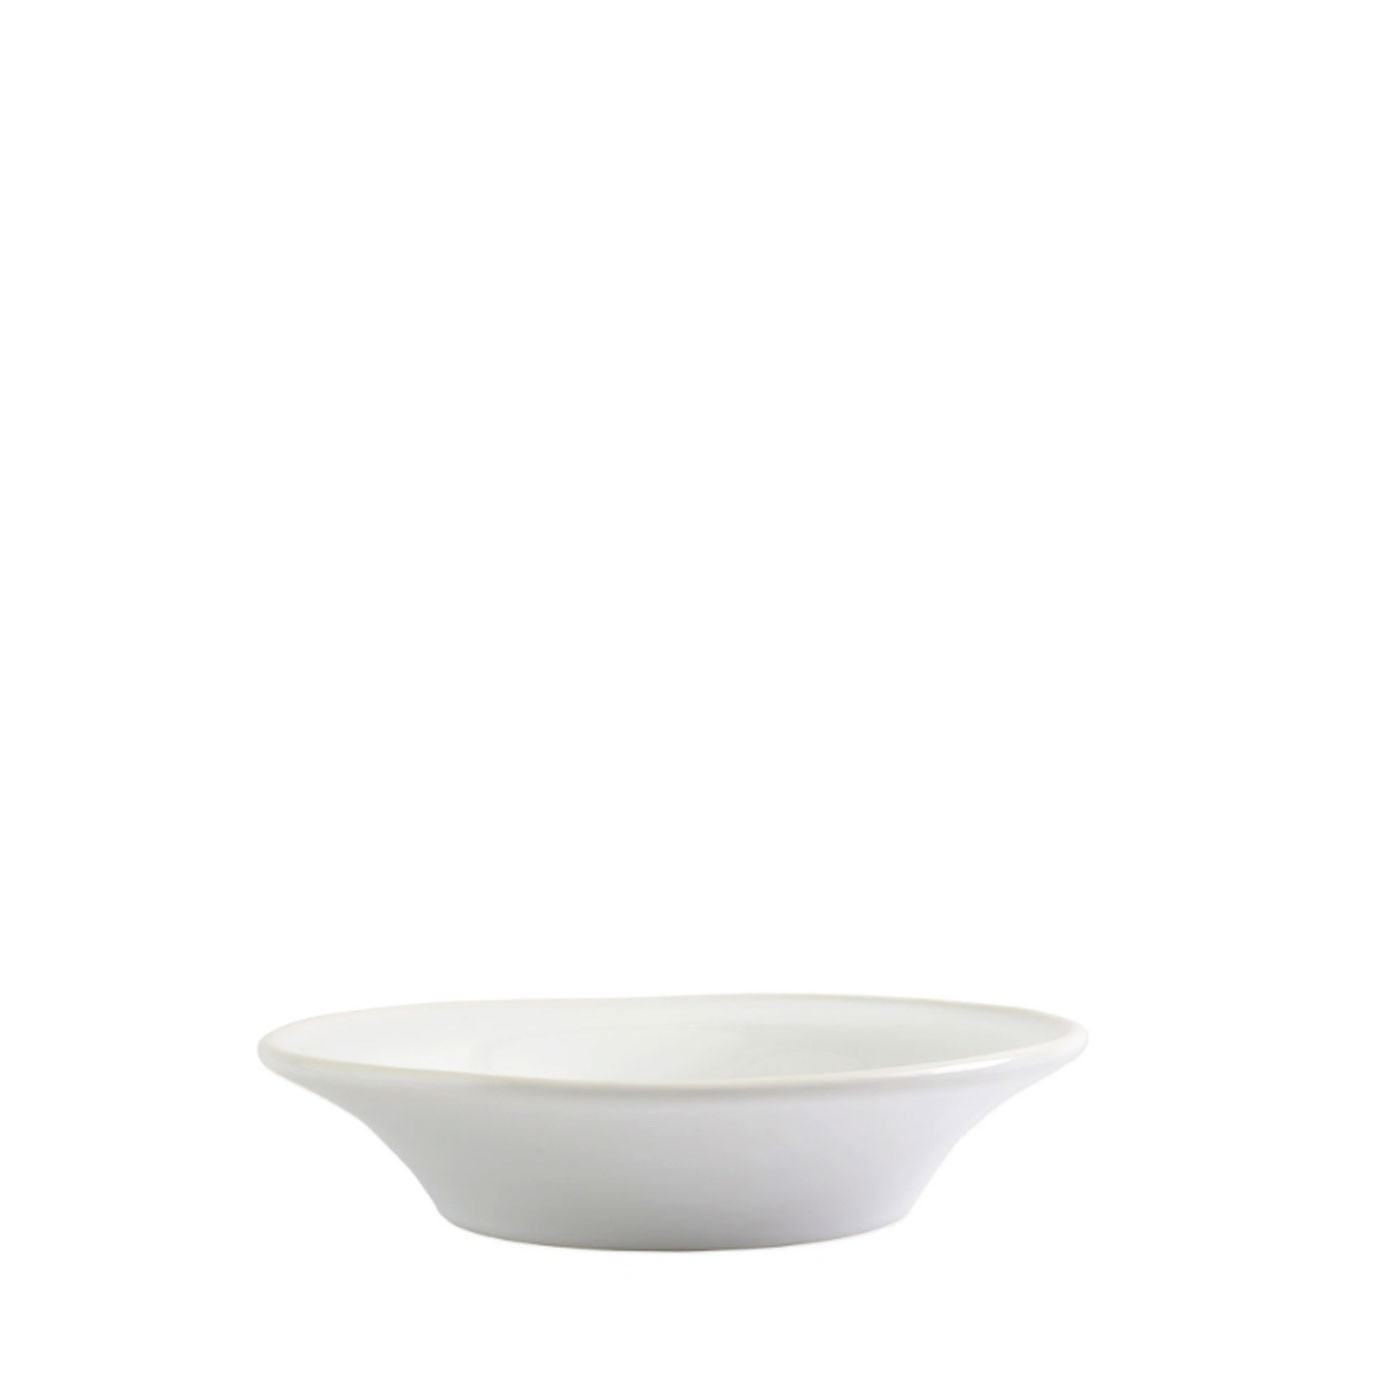 Chroma White Pasta Bowl